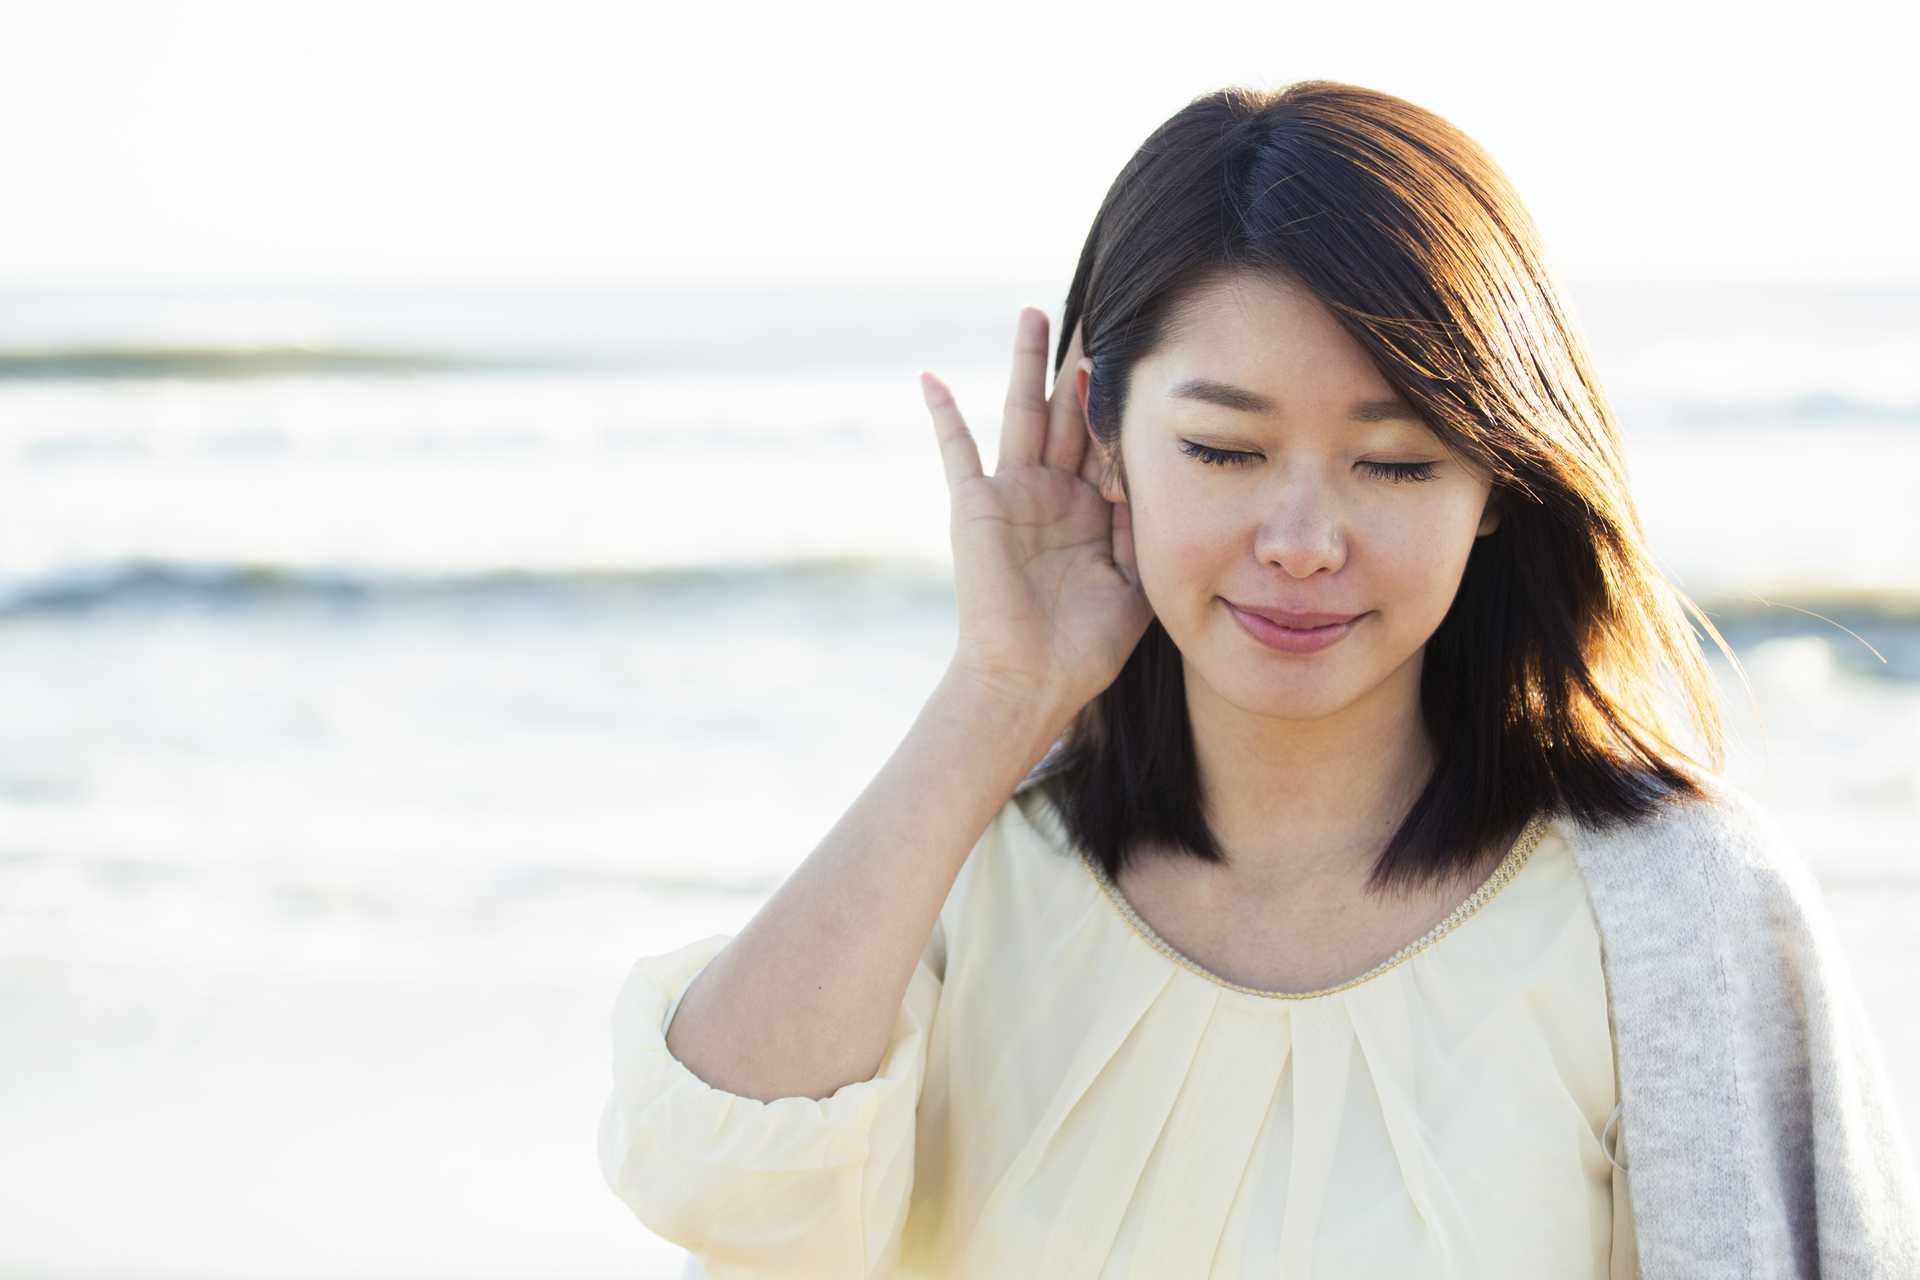 耳を澄ませば、聞こえなかった音が聞こえるようになる。 | 脳を刺激する30の歩き方